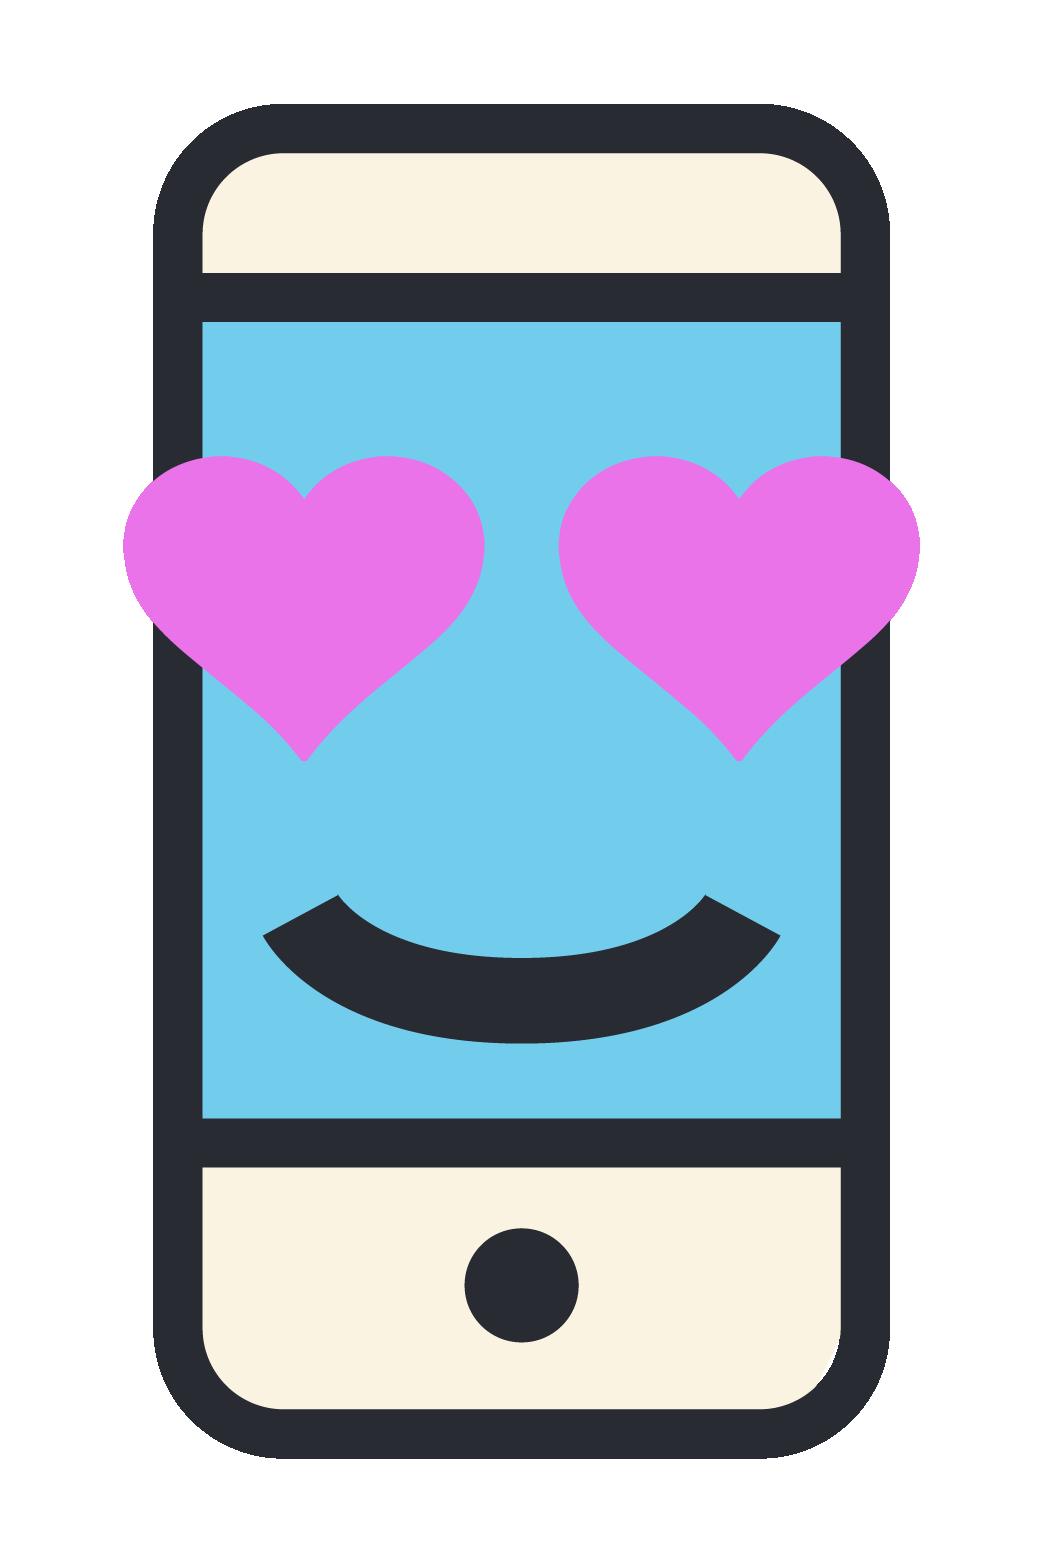 Phone Emoji Stickers messages sticker-2